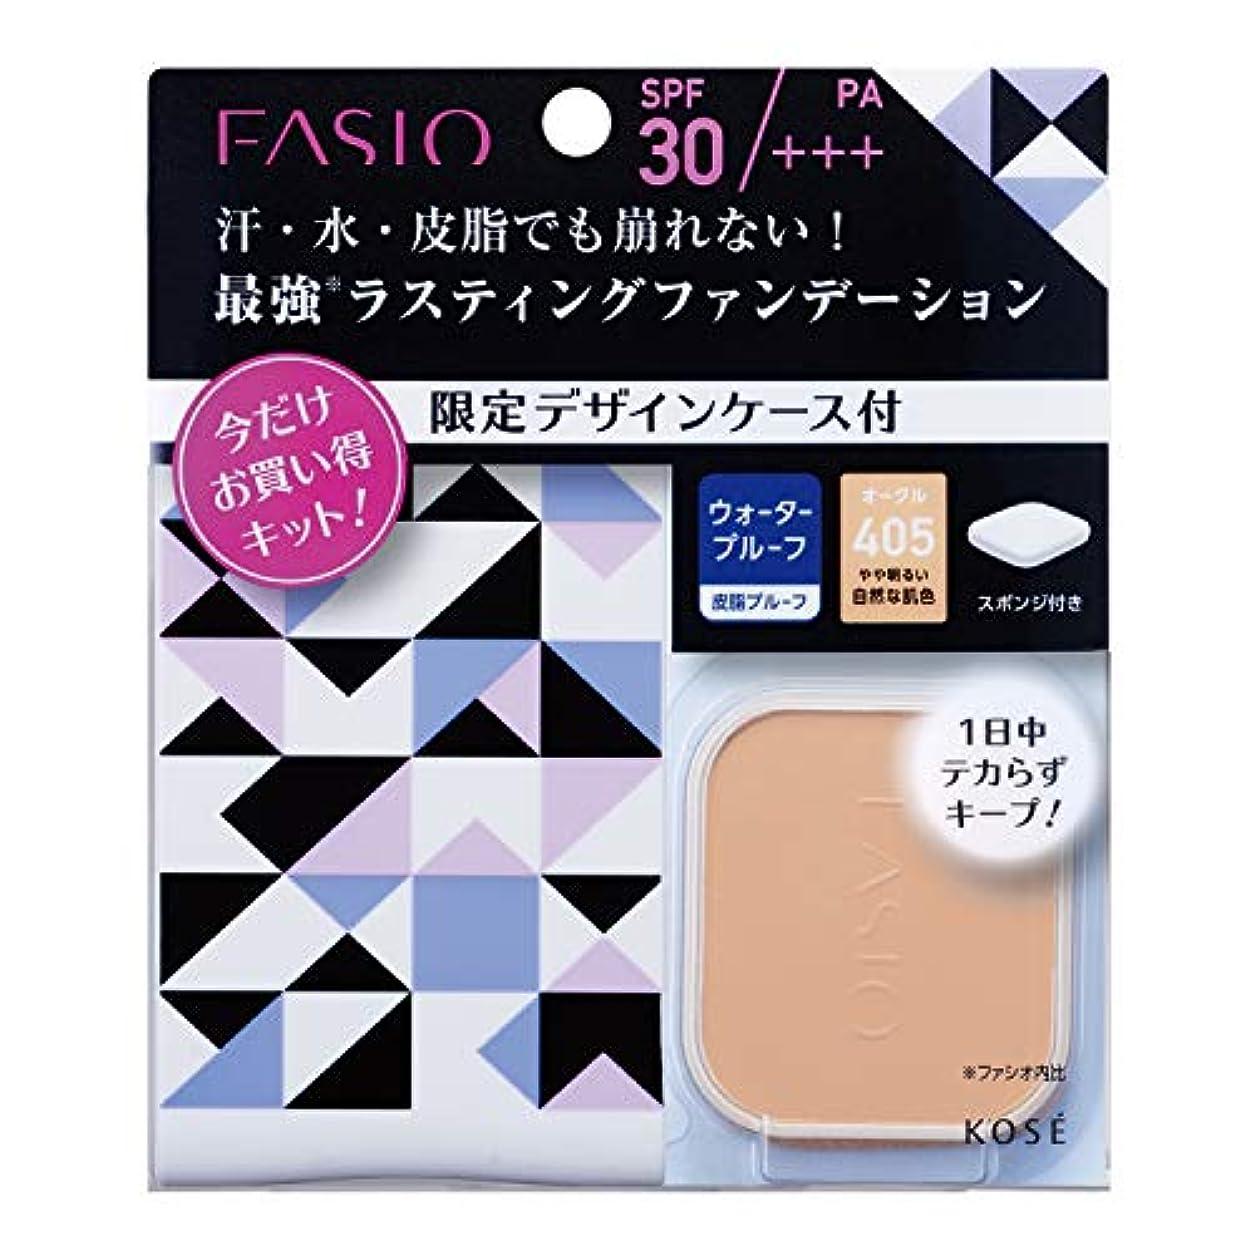 ファシオ ラスティング ファンデーション WP キット 3 405 オークル やや明るい自然な肌色 10g